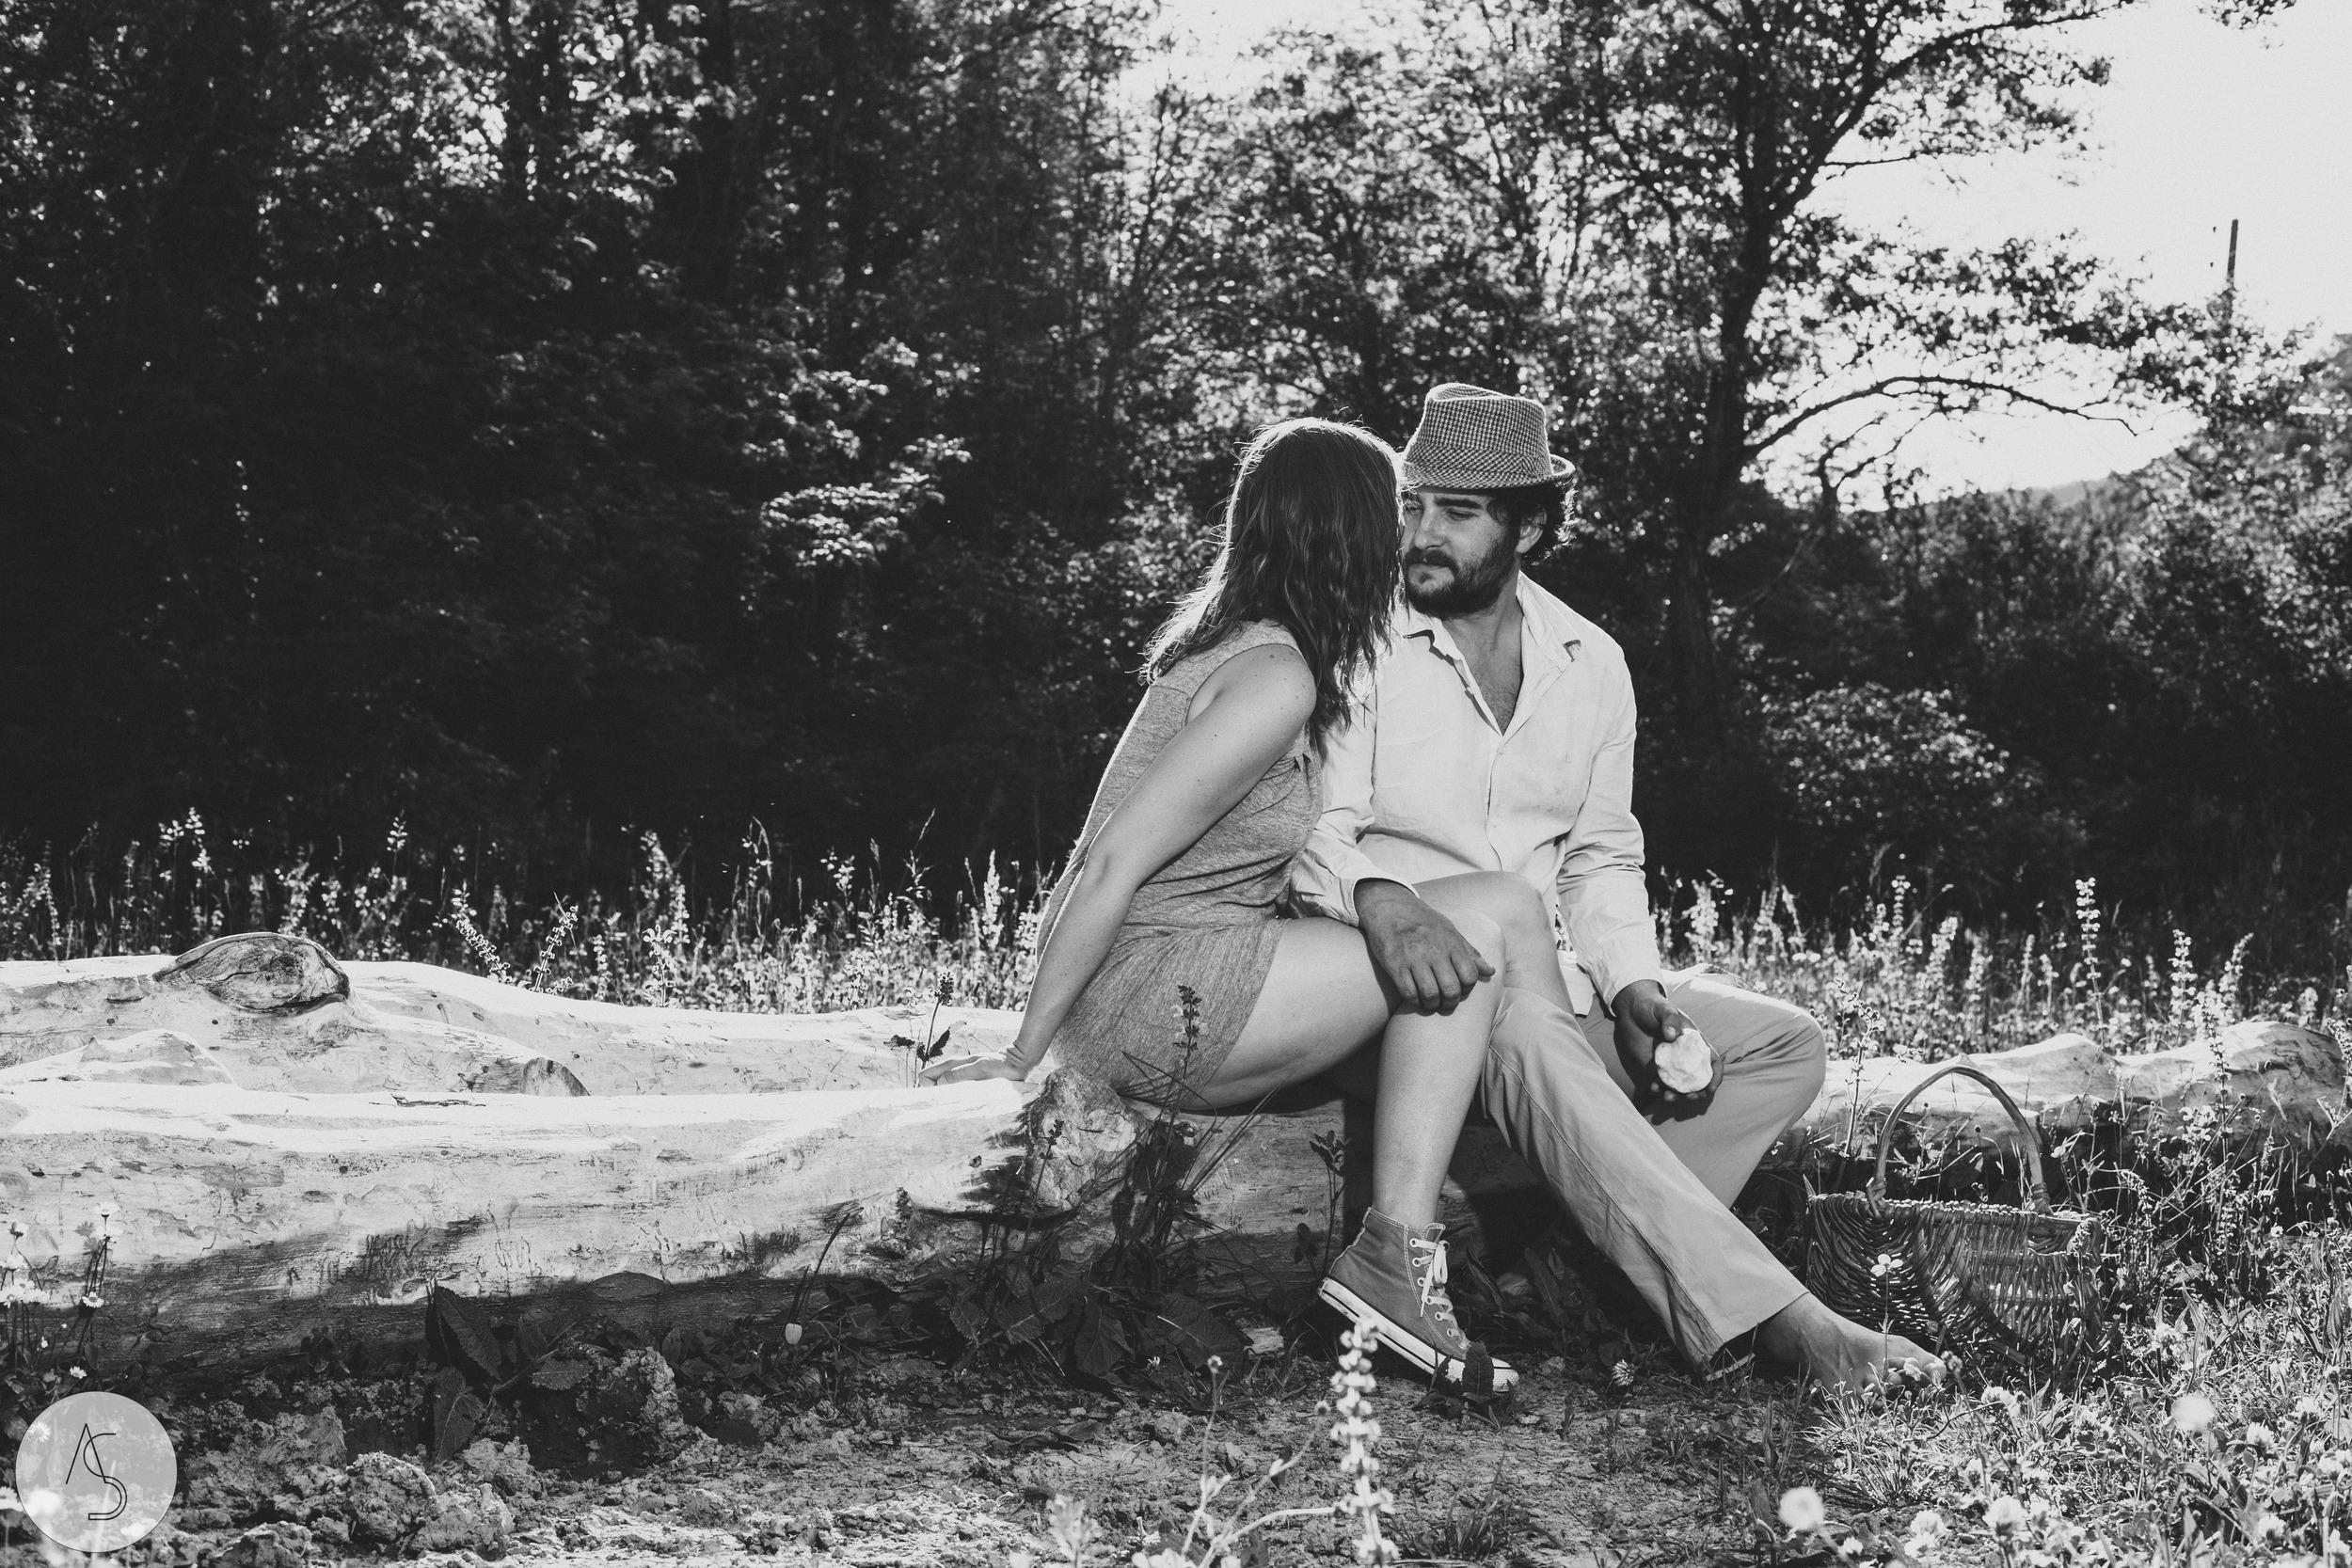 Séance engagement - La Drôme - Lifestyle_ Photographe couple19.jpg